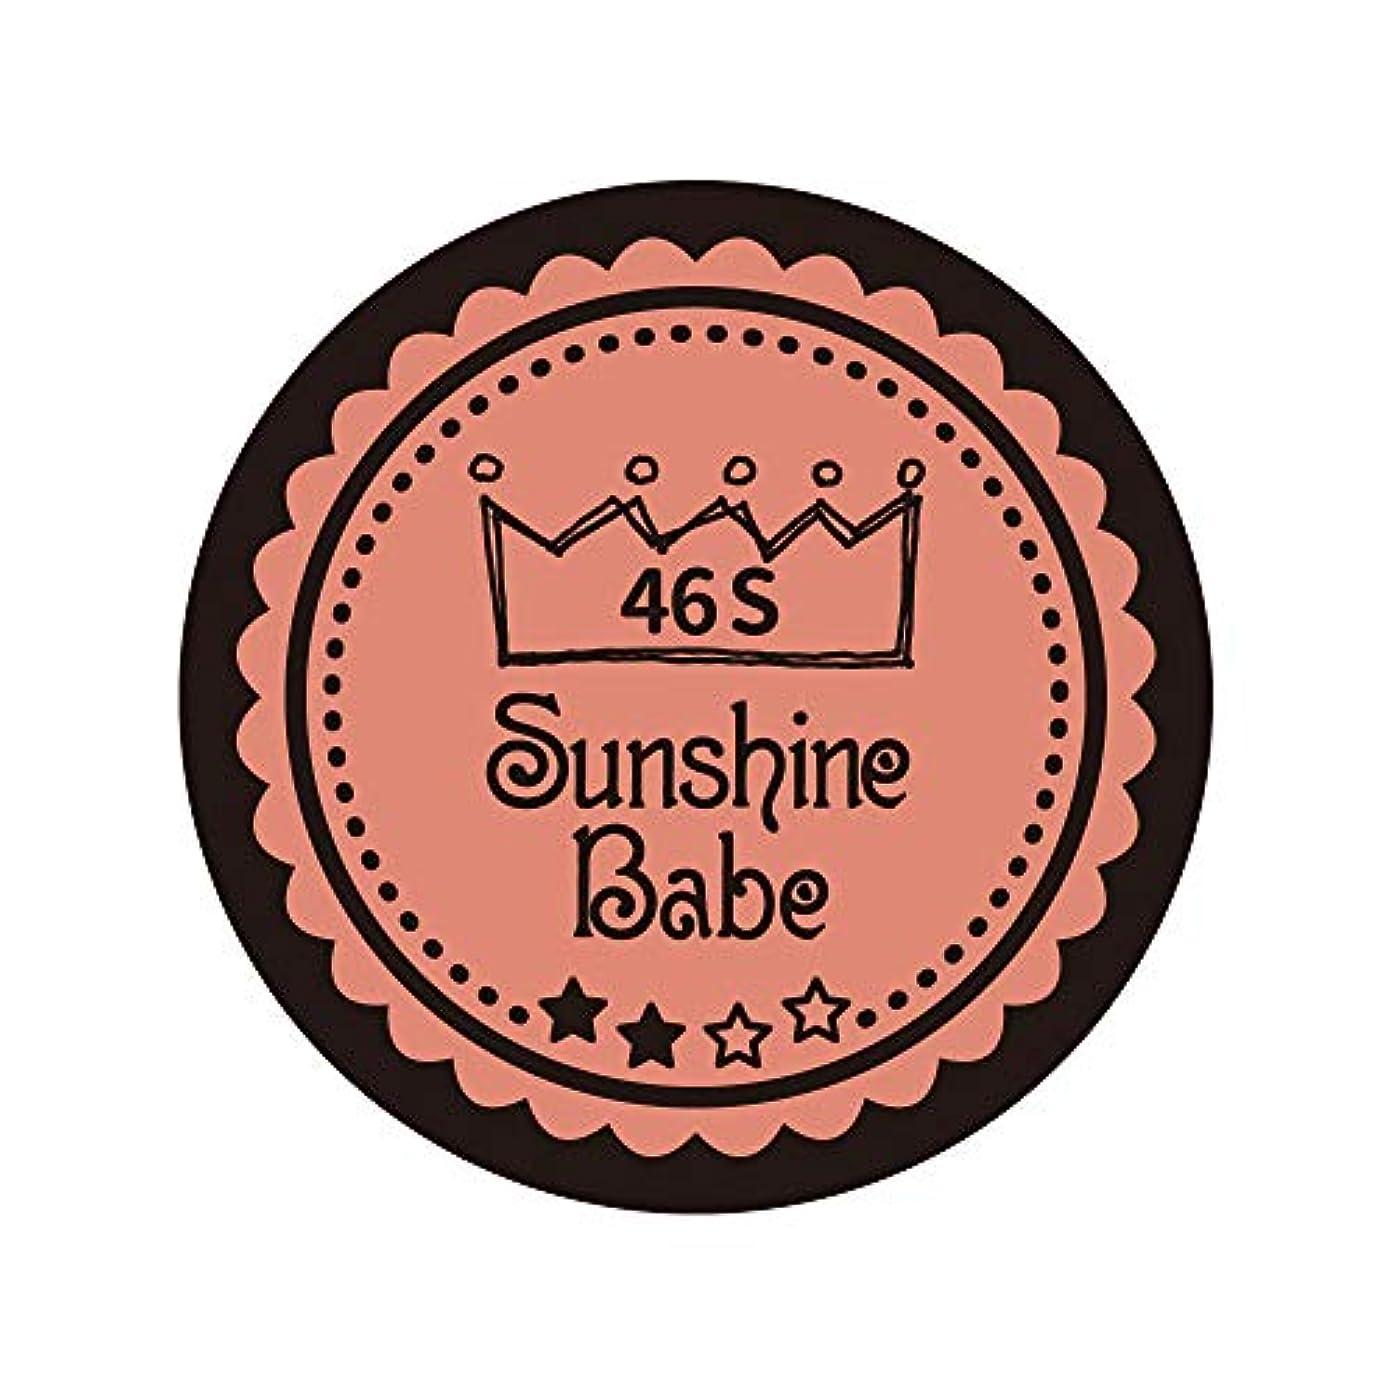 比類なき素晴らしさひらめきSunshine Babe カラージェル 46S ピンクベージュ 2.7g UV/LED対応